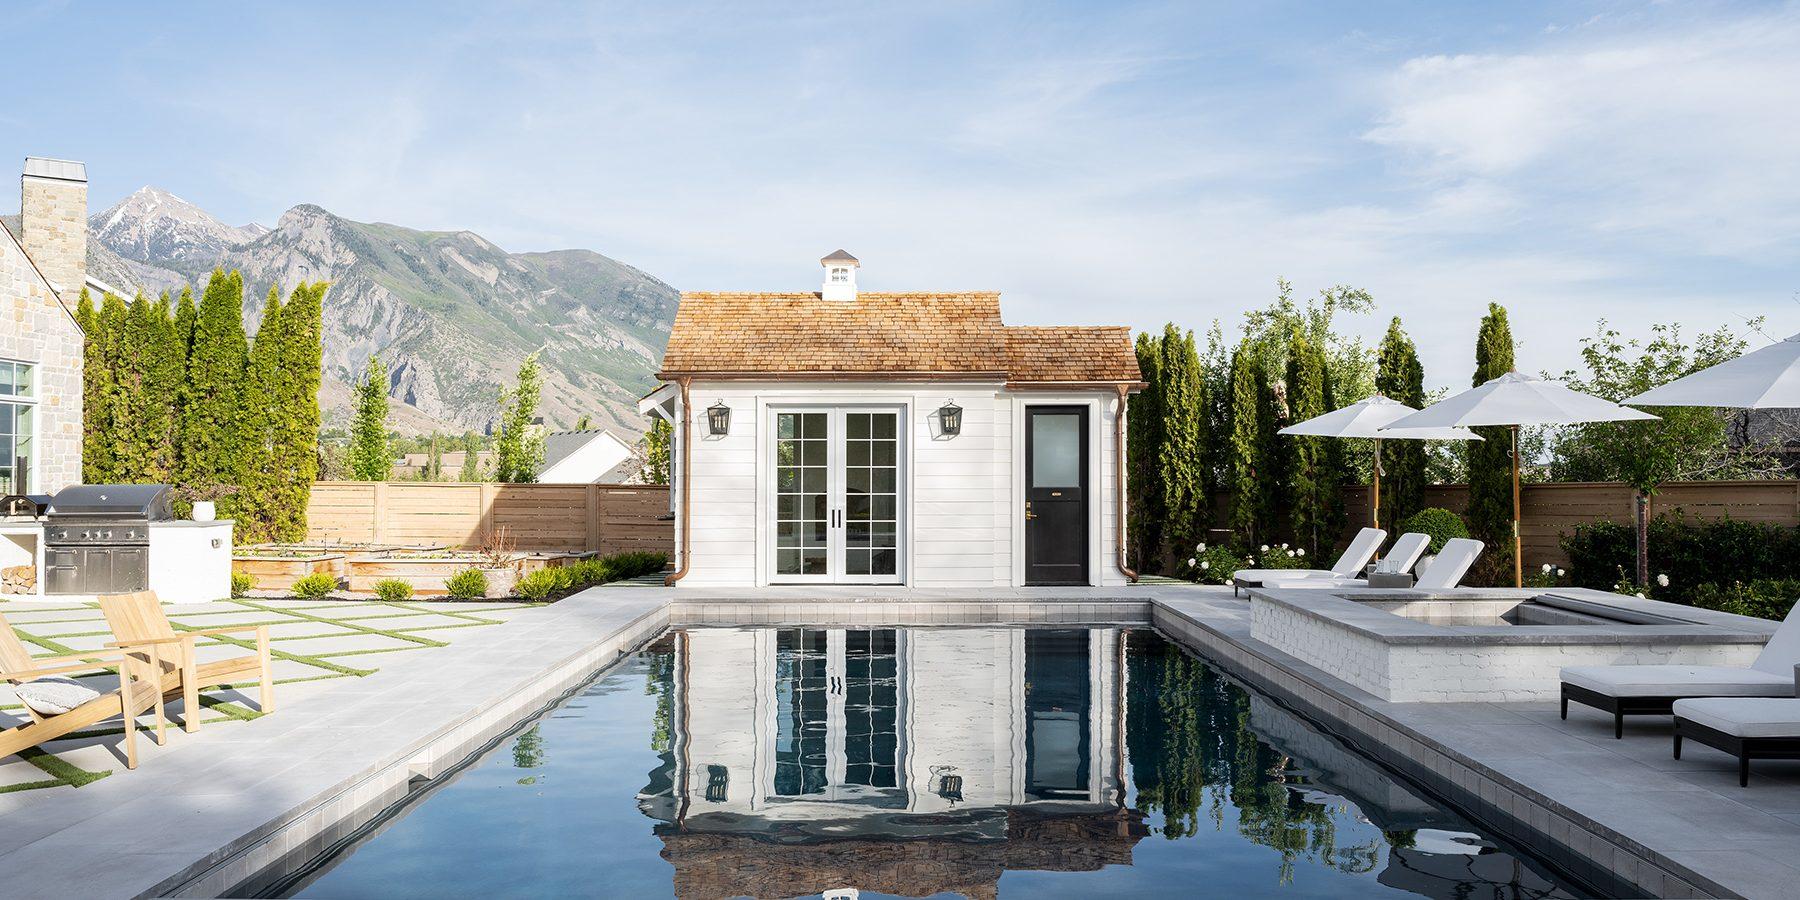 The McGee Home: Pool & Pool House